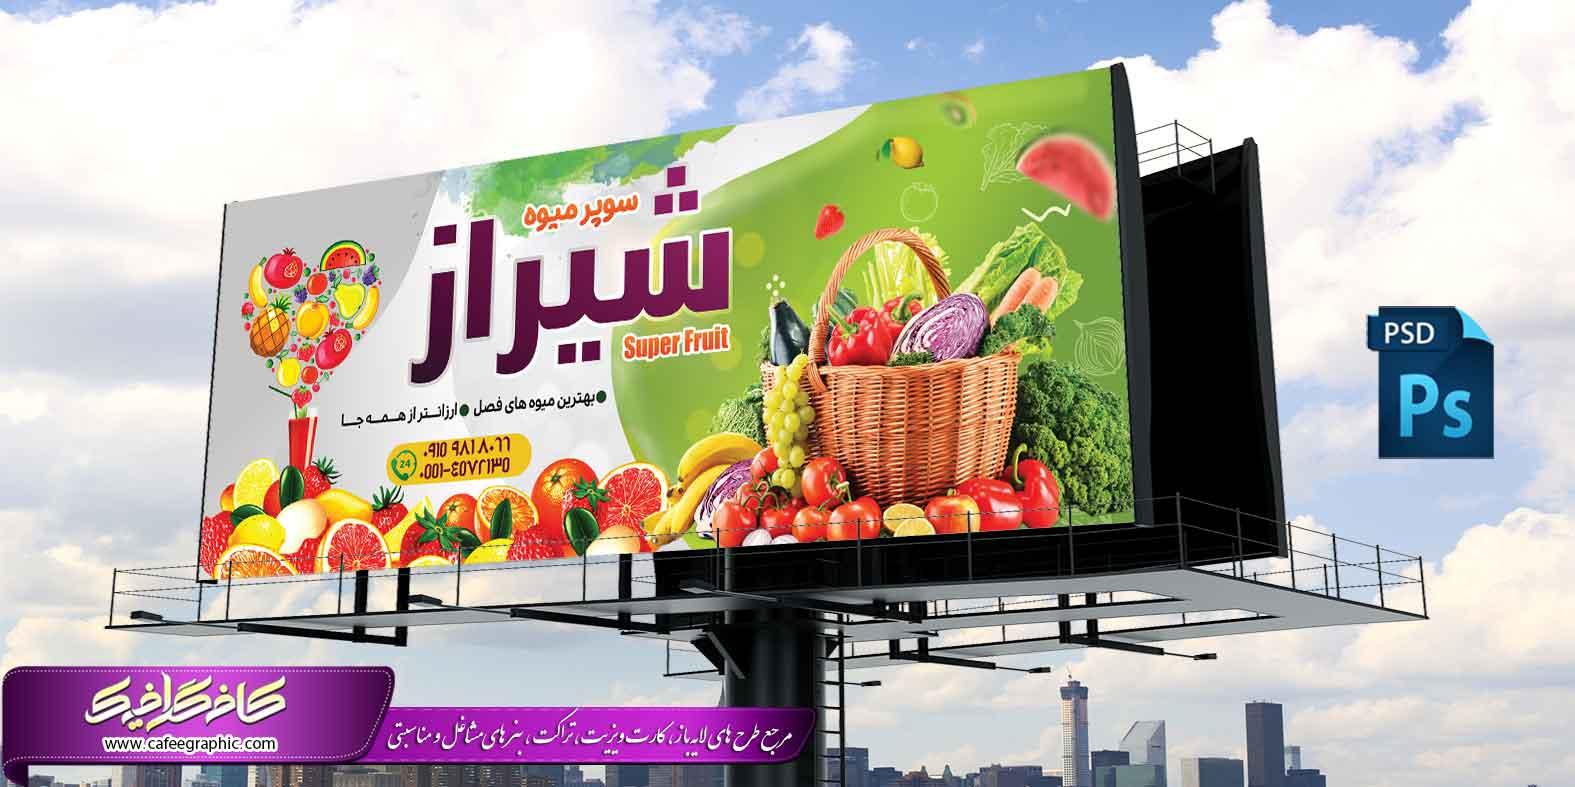 بنر تبلیغاتی سوپر میوه لایه باز